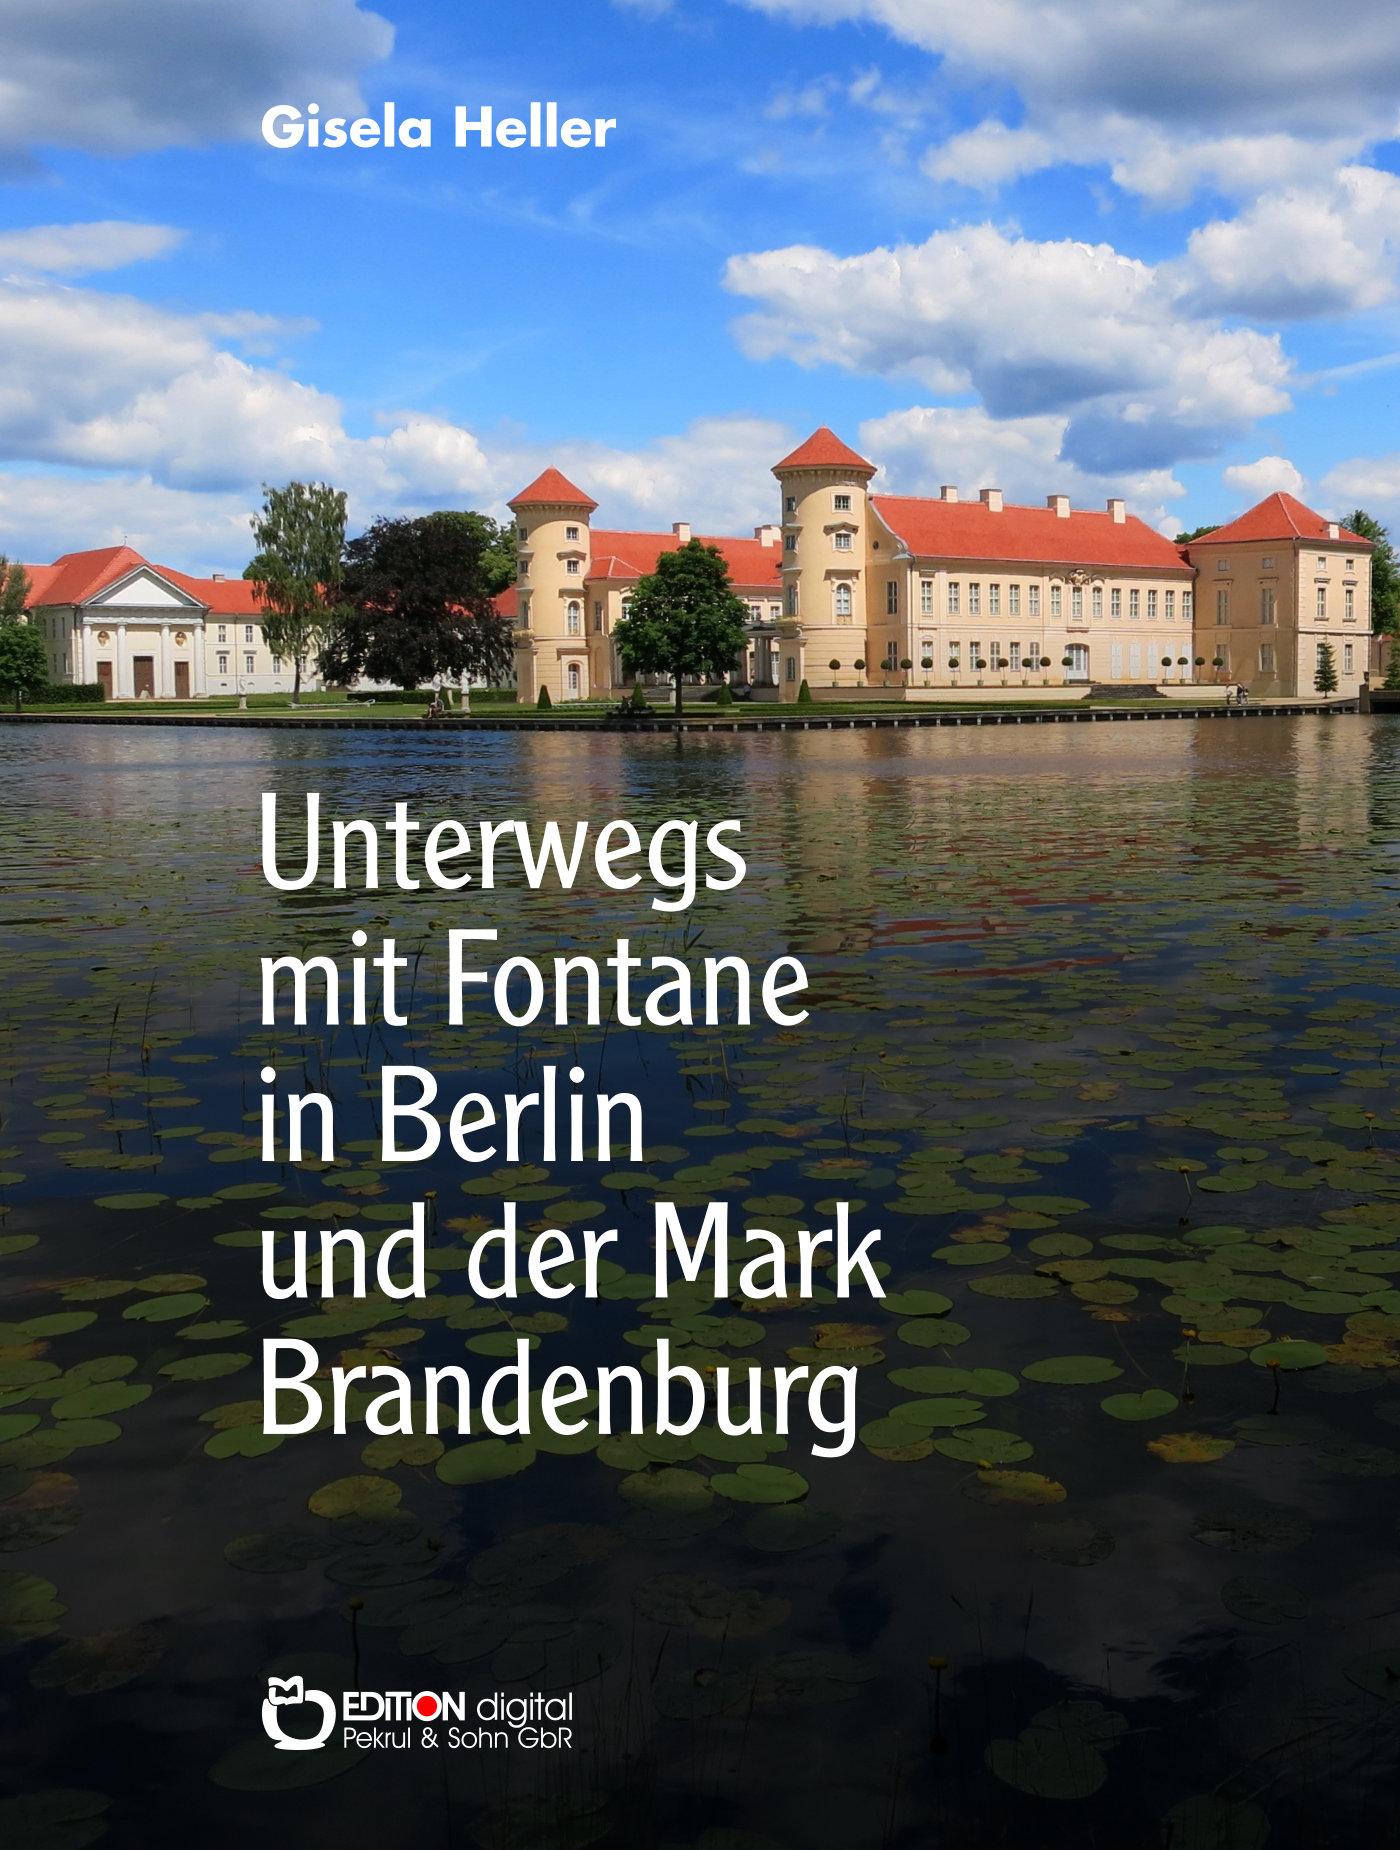 Unterwegs mit Fontane in Berlin und der Mark Brandenburg von Gisela Heller